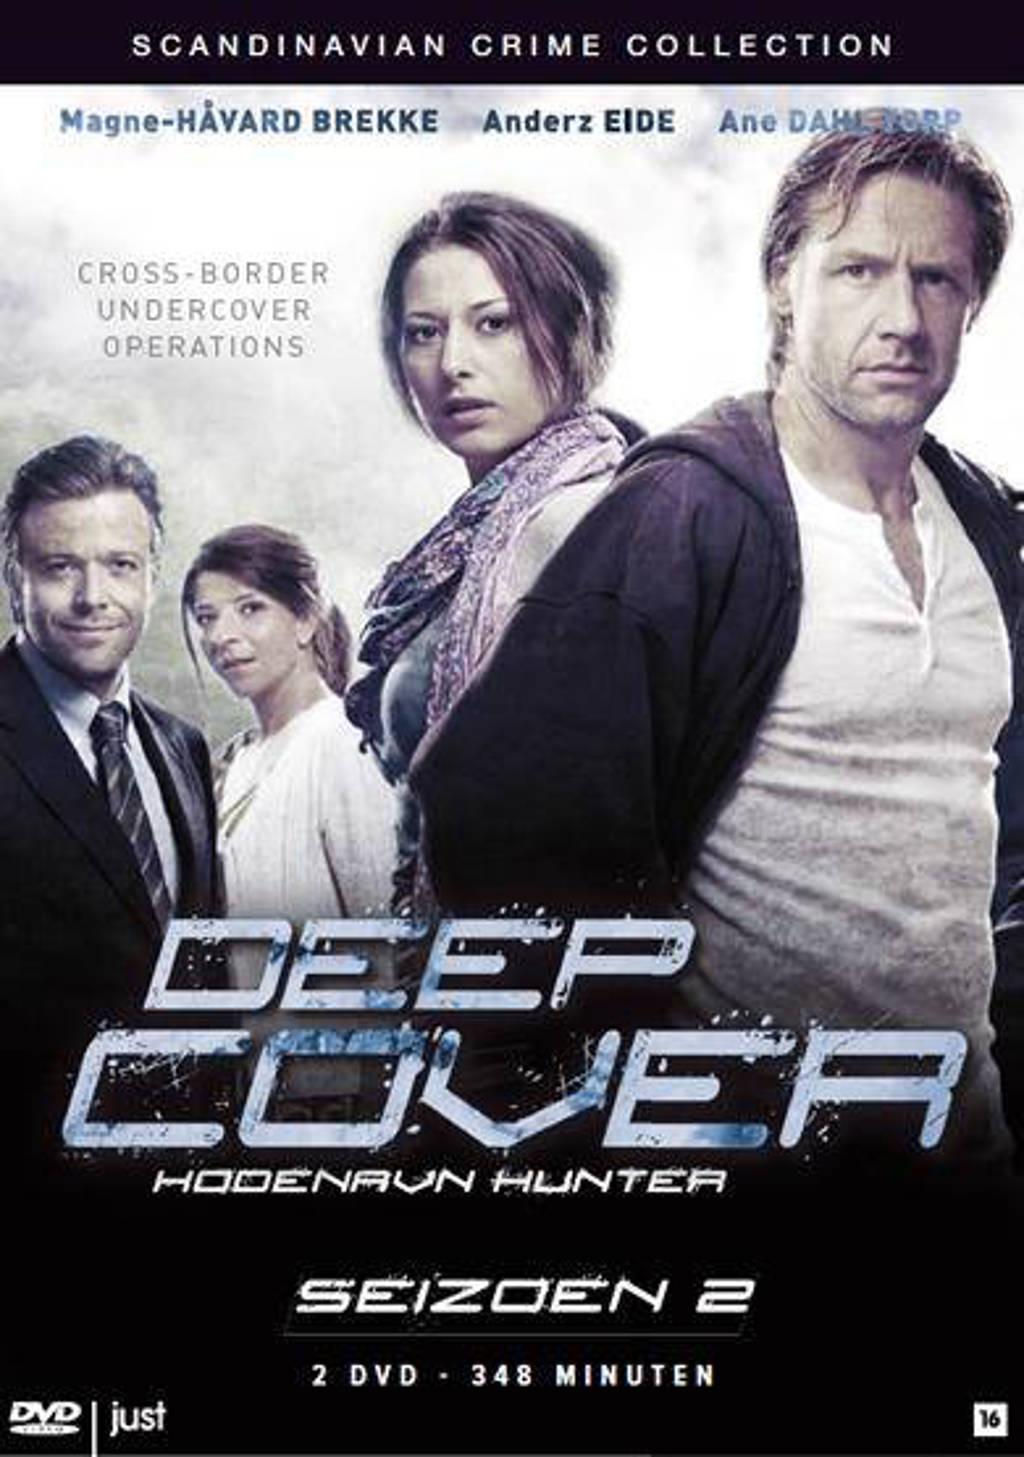 Deep cover - Seizoen 2 (DVD)